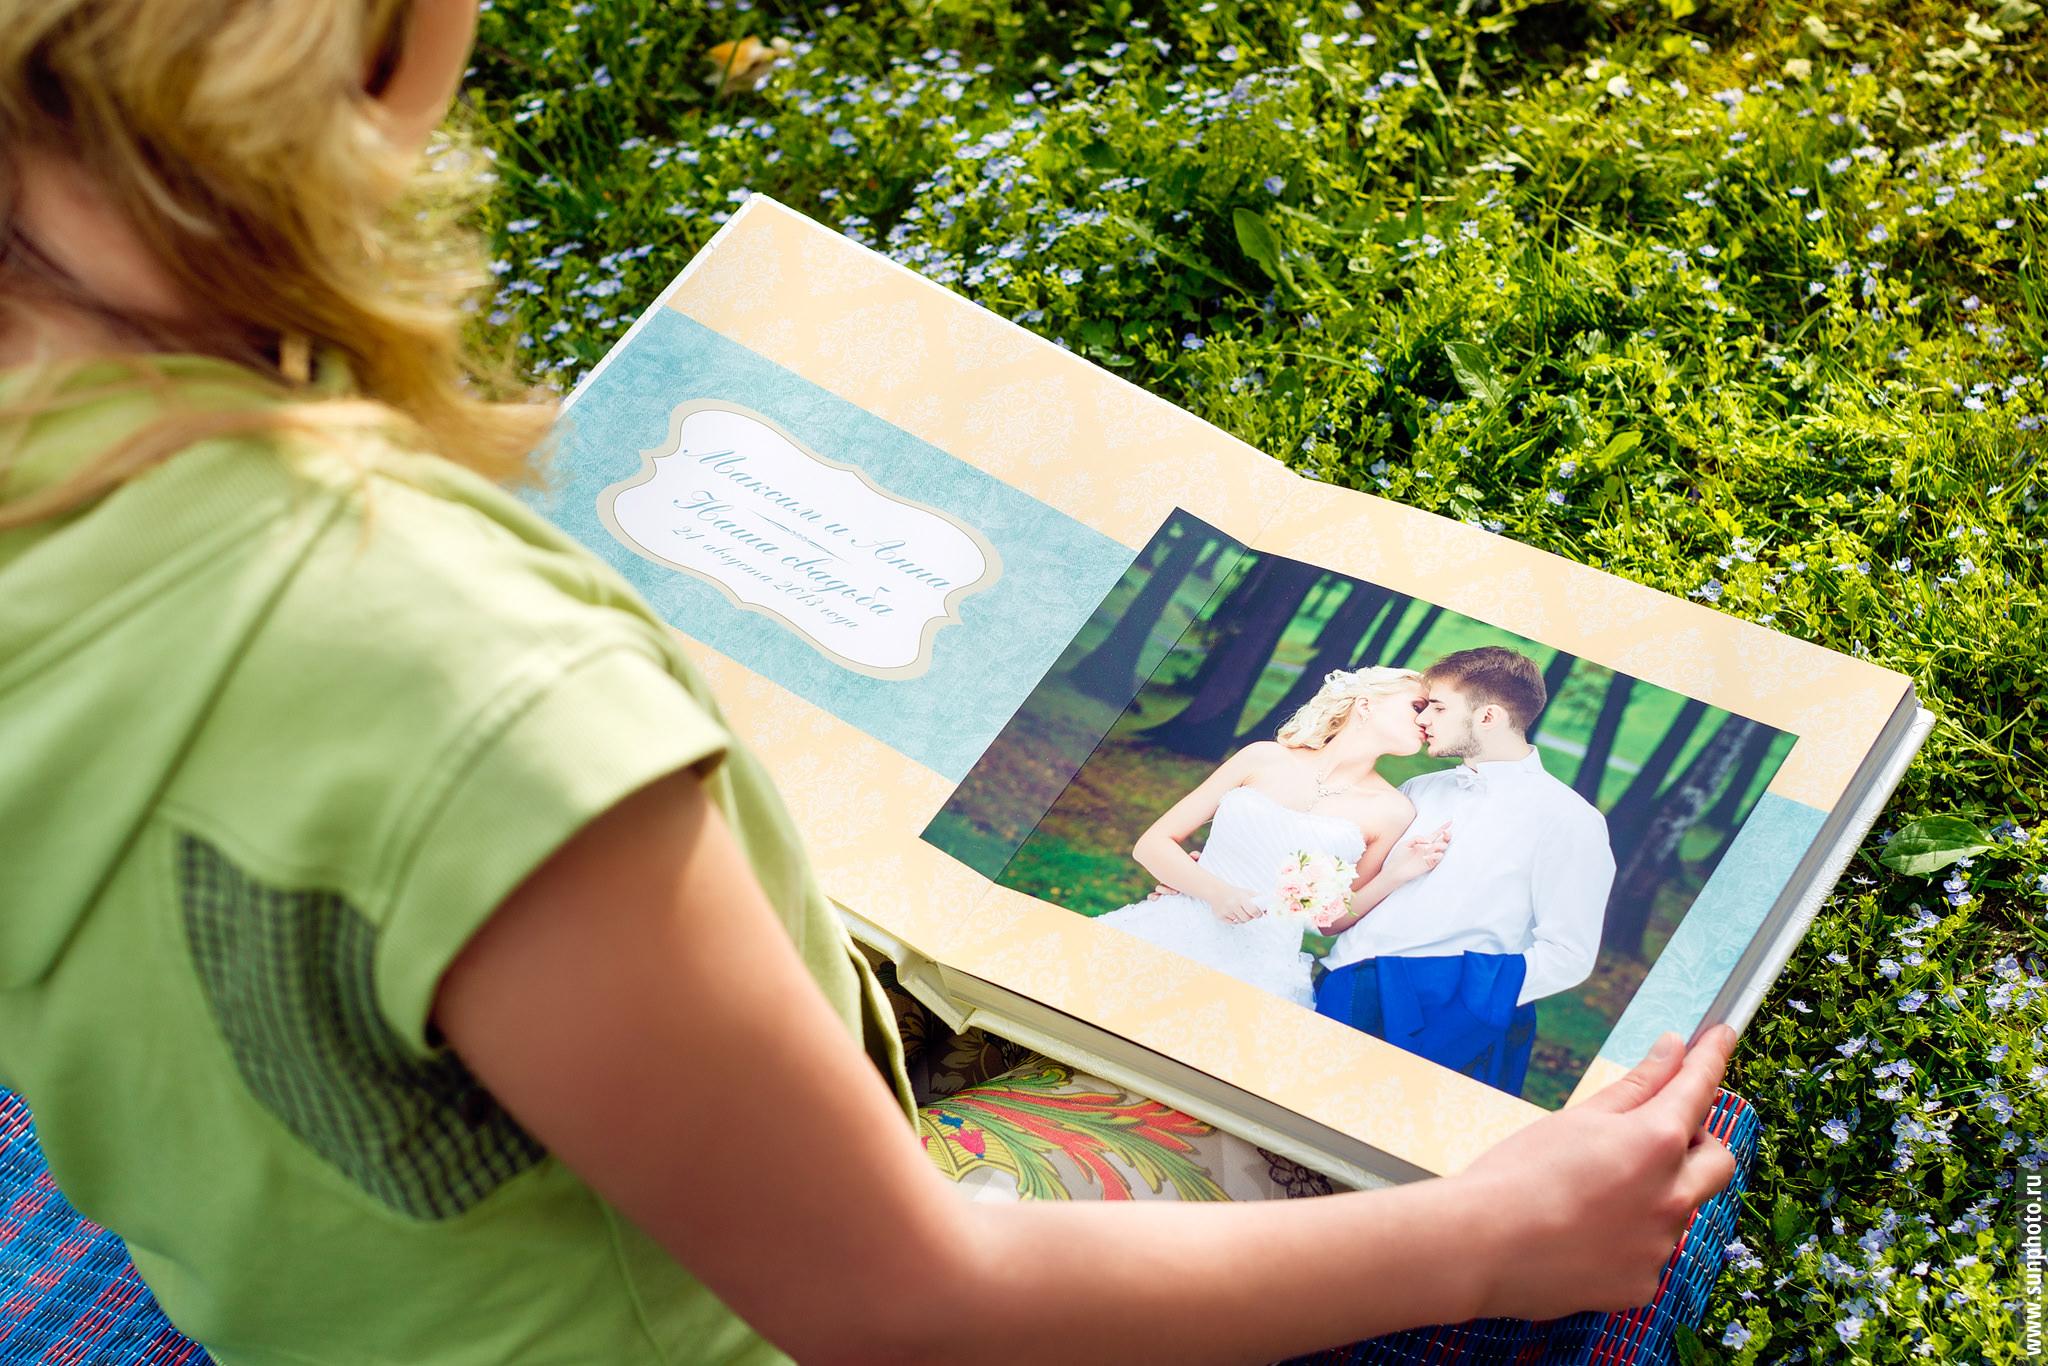 Пример классической свадебной фотокниги в обложке из искусственной кожи